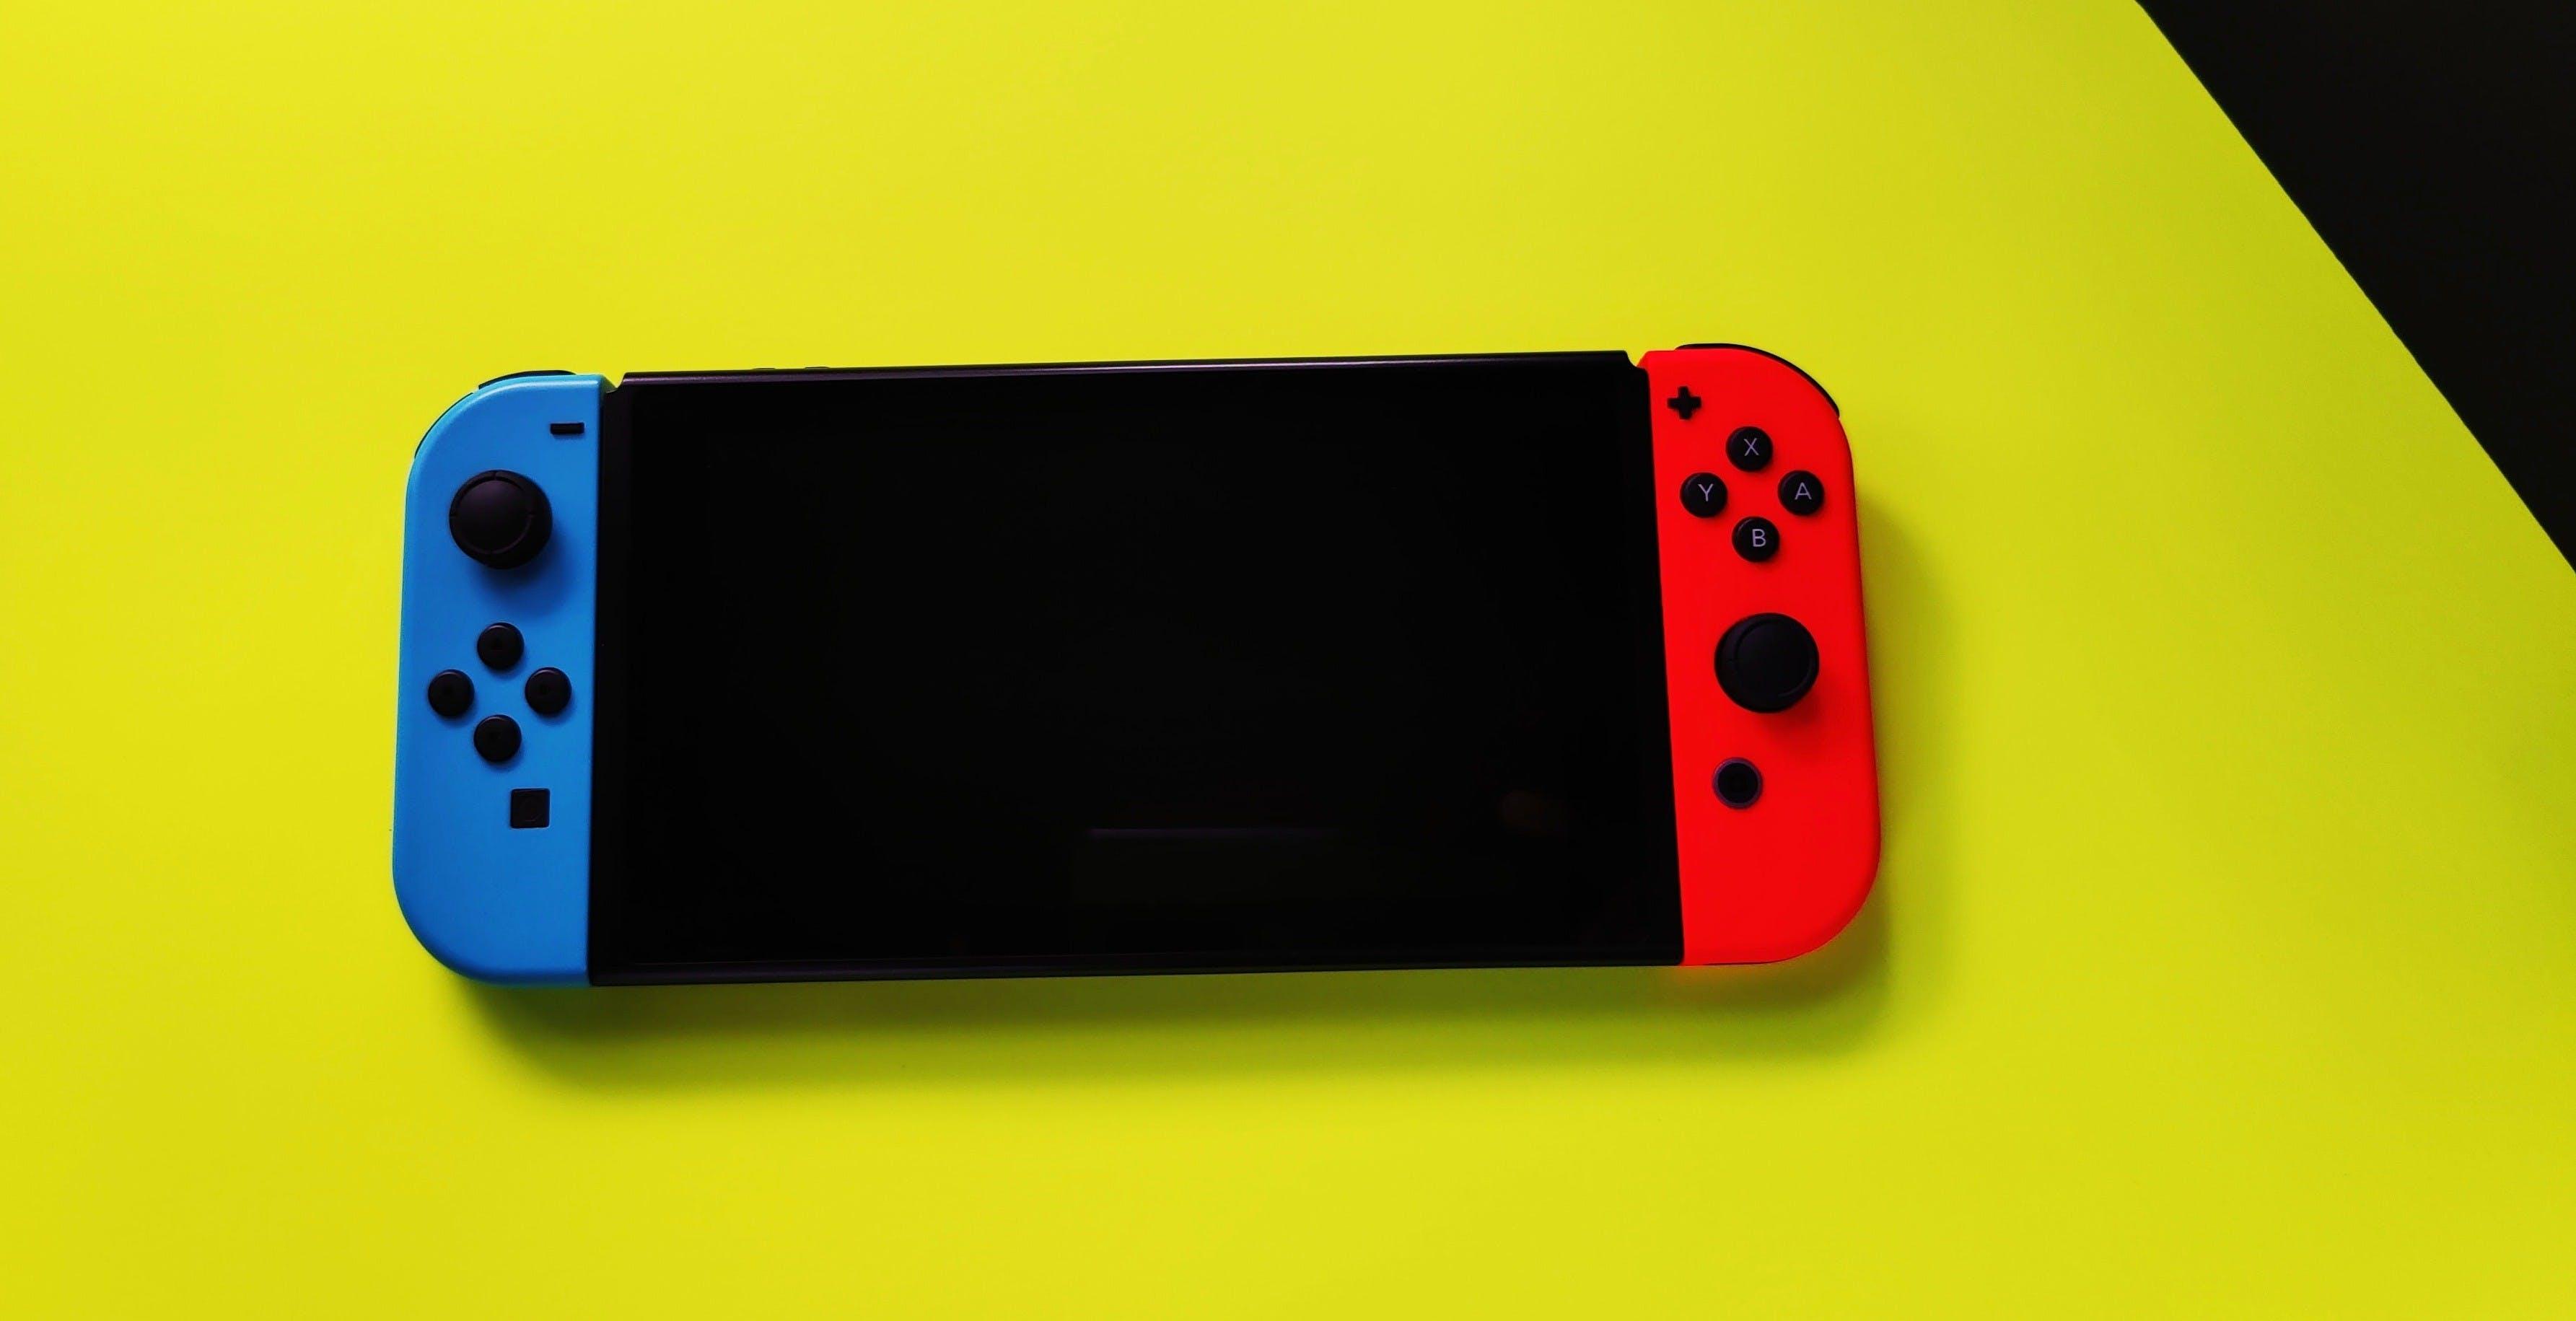 """Calcagni (Nintendo): """"Vogliamo salvaguardare il mercato fisico dei videogiochi. I nostri giochi su PC? Nessuna strada è impossibile"""""""